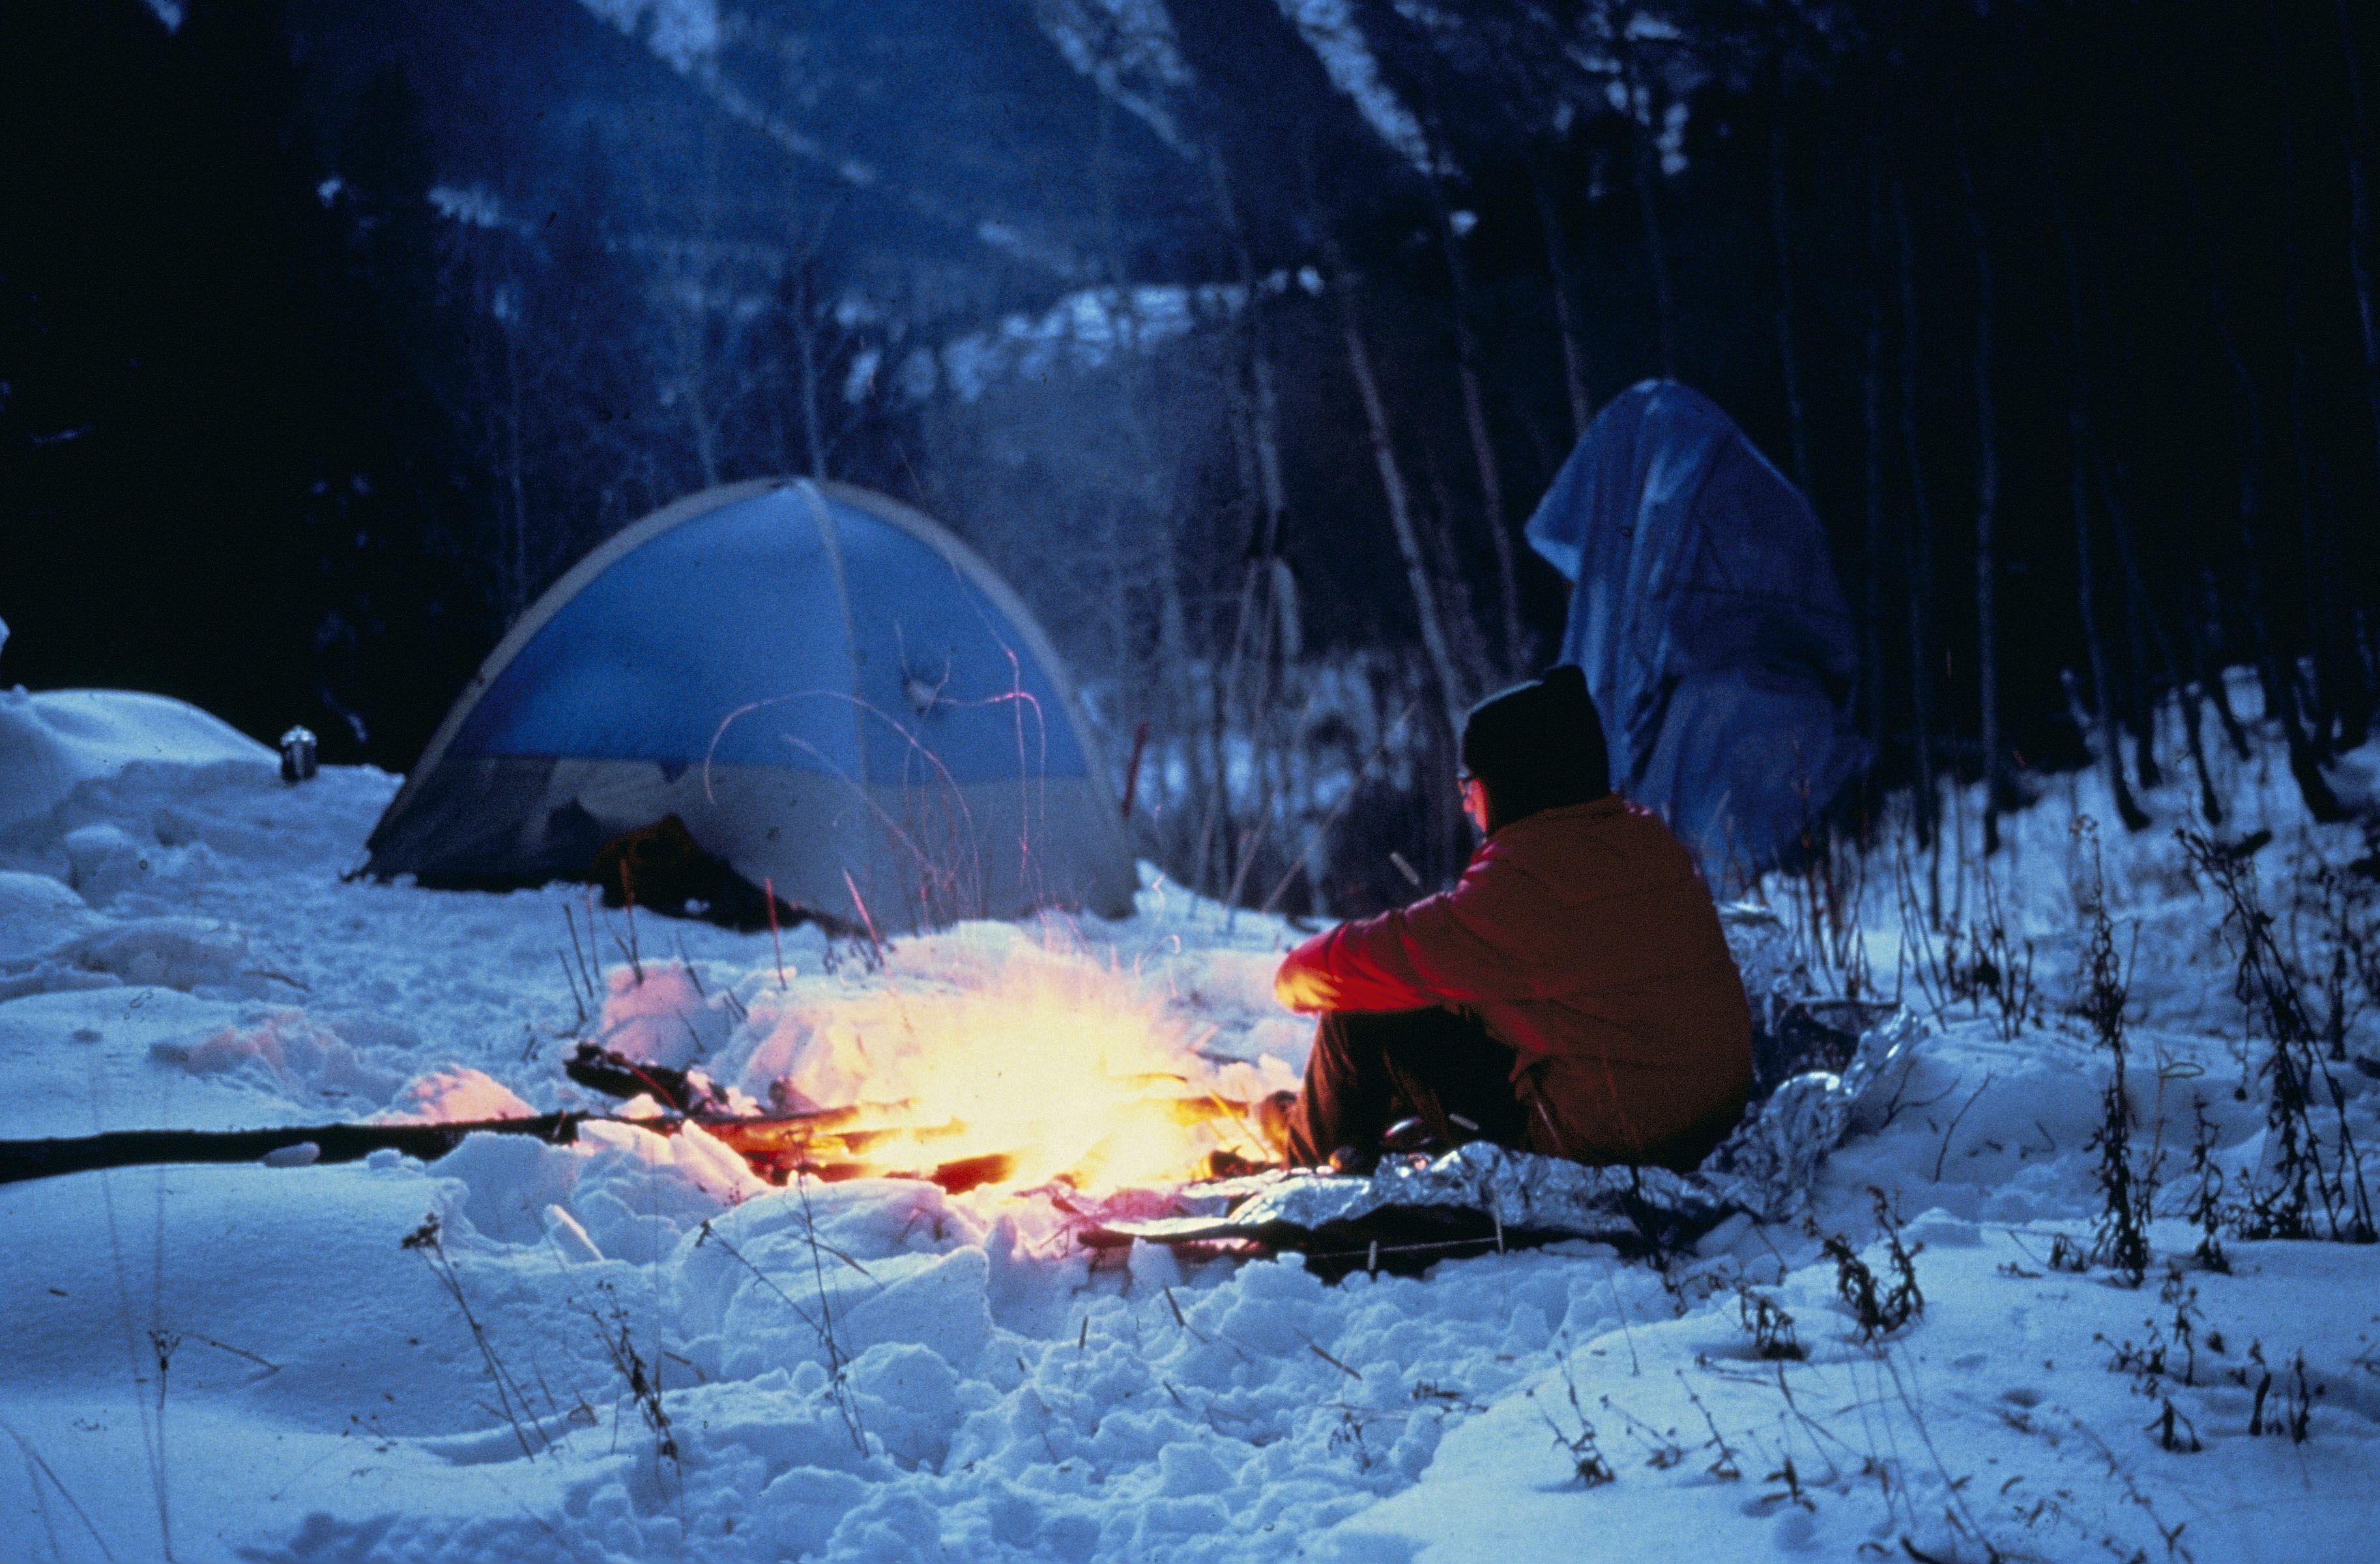 покажите пожалуйста картинки отдыхающих зимой у костра моменты гонки глазами